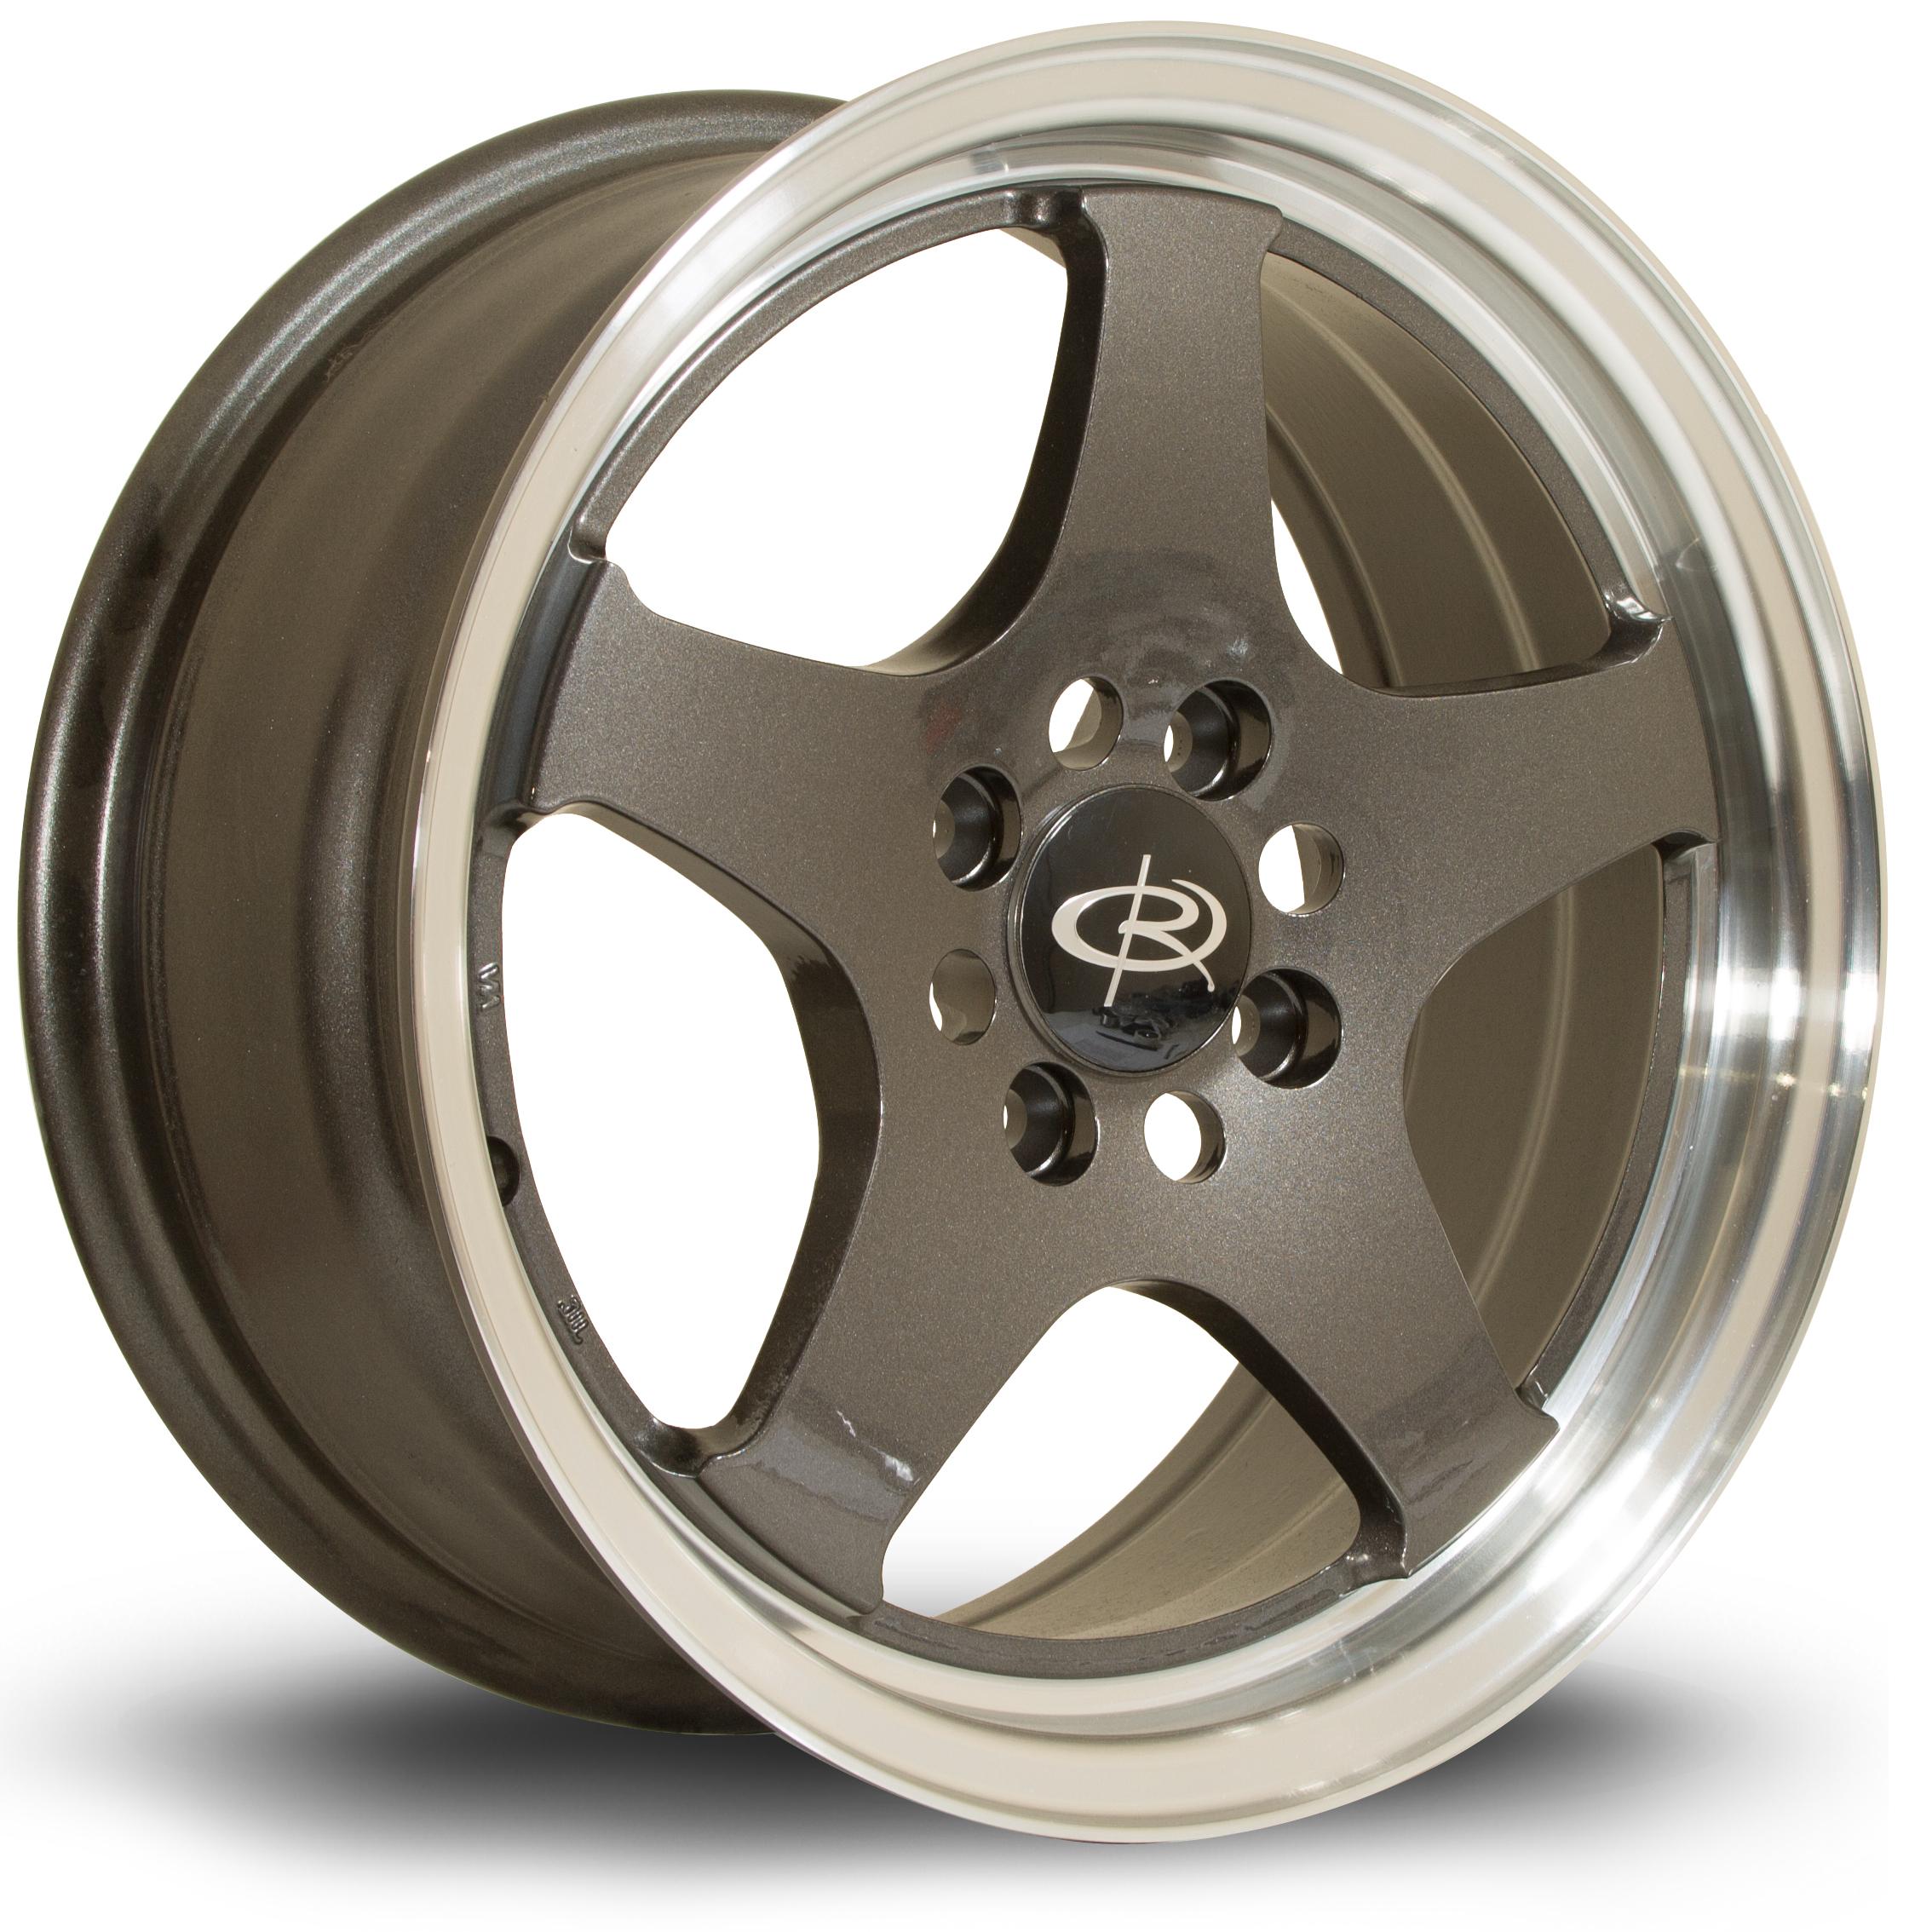 ROTA J-SPL hliníkové disky 6,5x15 4x100 ET37 RLGunmetal